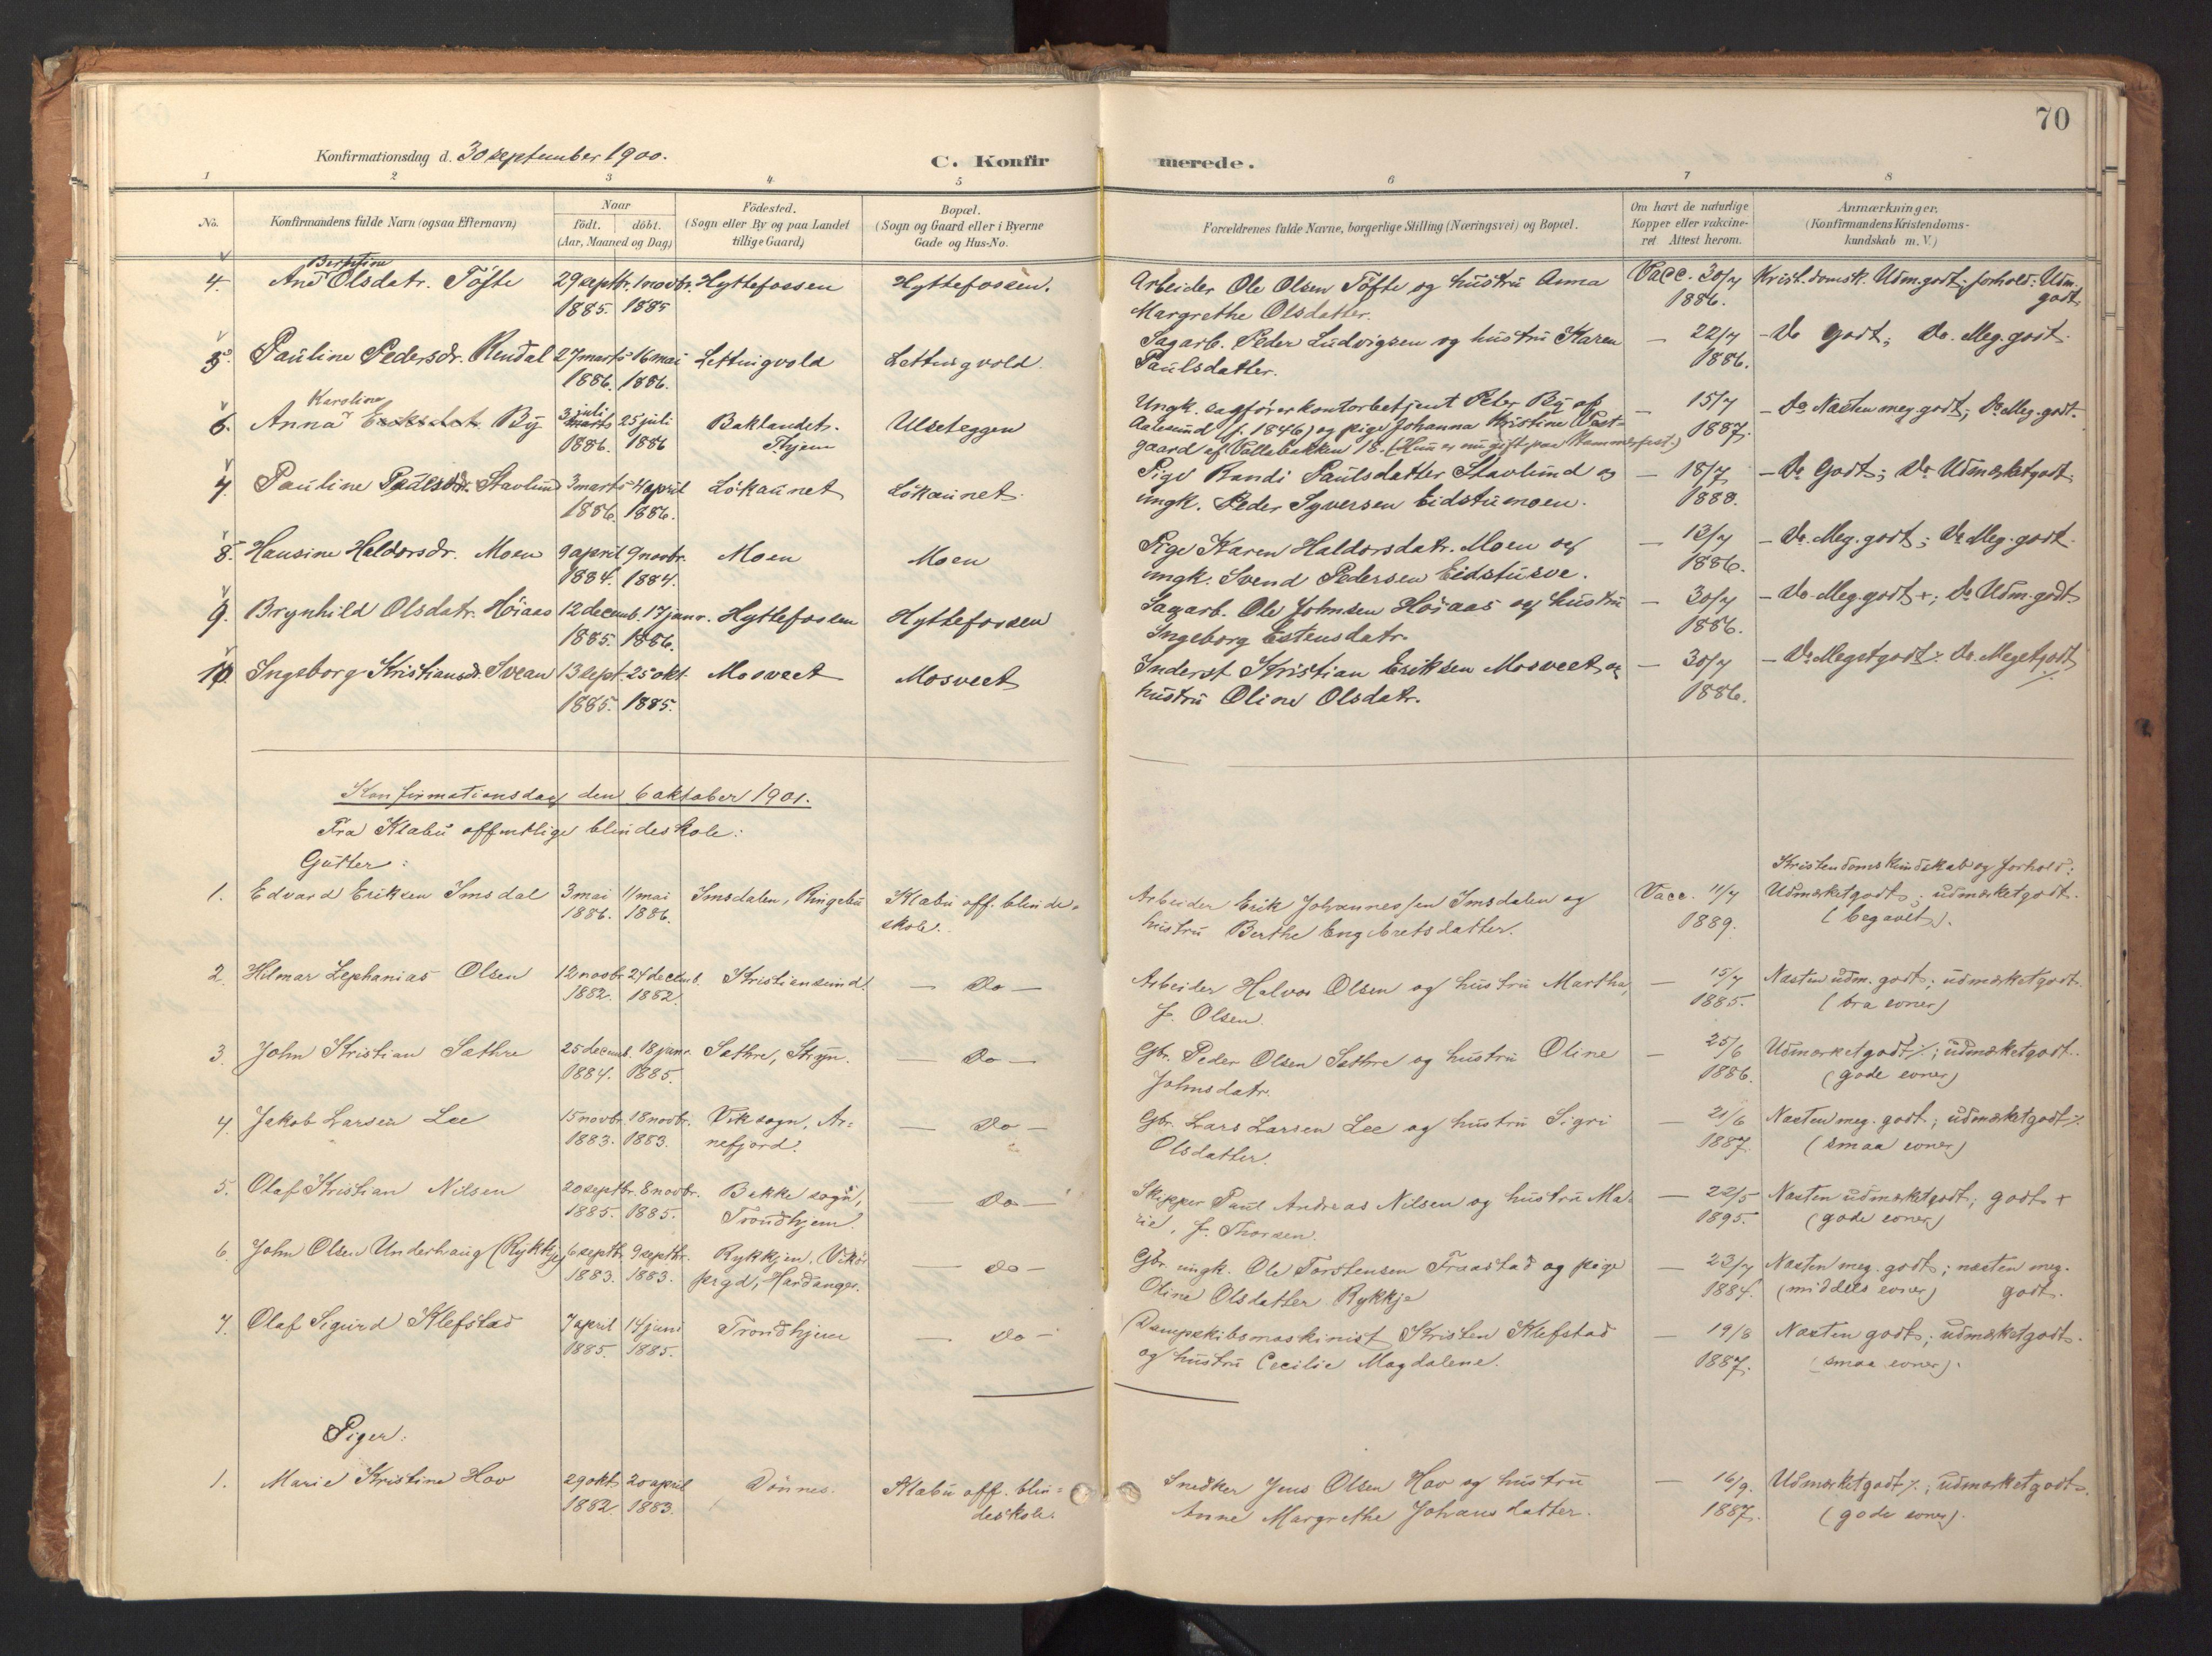 SAT, Ministerialprotokoller, klokkerbøker og fødselsregistre - Sør-Trøndelag, 618/L0448: Ministerialbok nr. 618A11, 1898-1916, s. 70